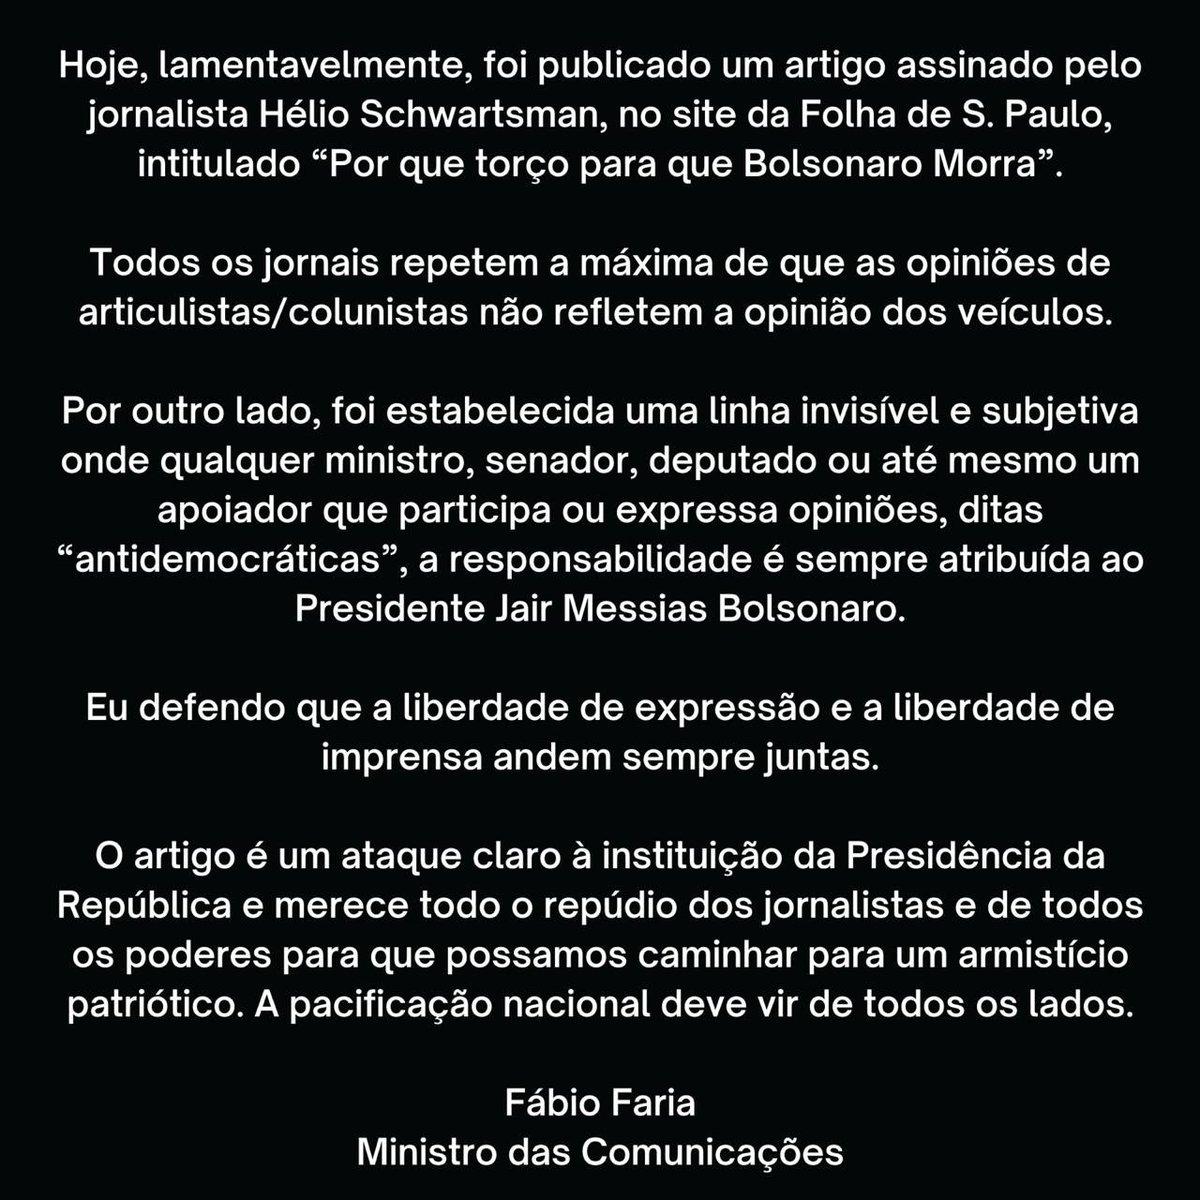 RT @fabiofaria5555: https://t.co/CJ5MLeIYYE